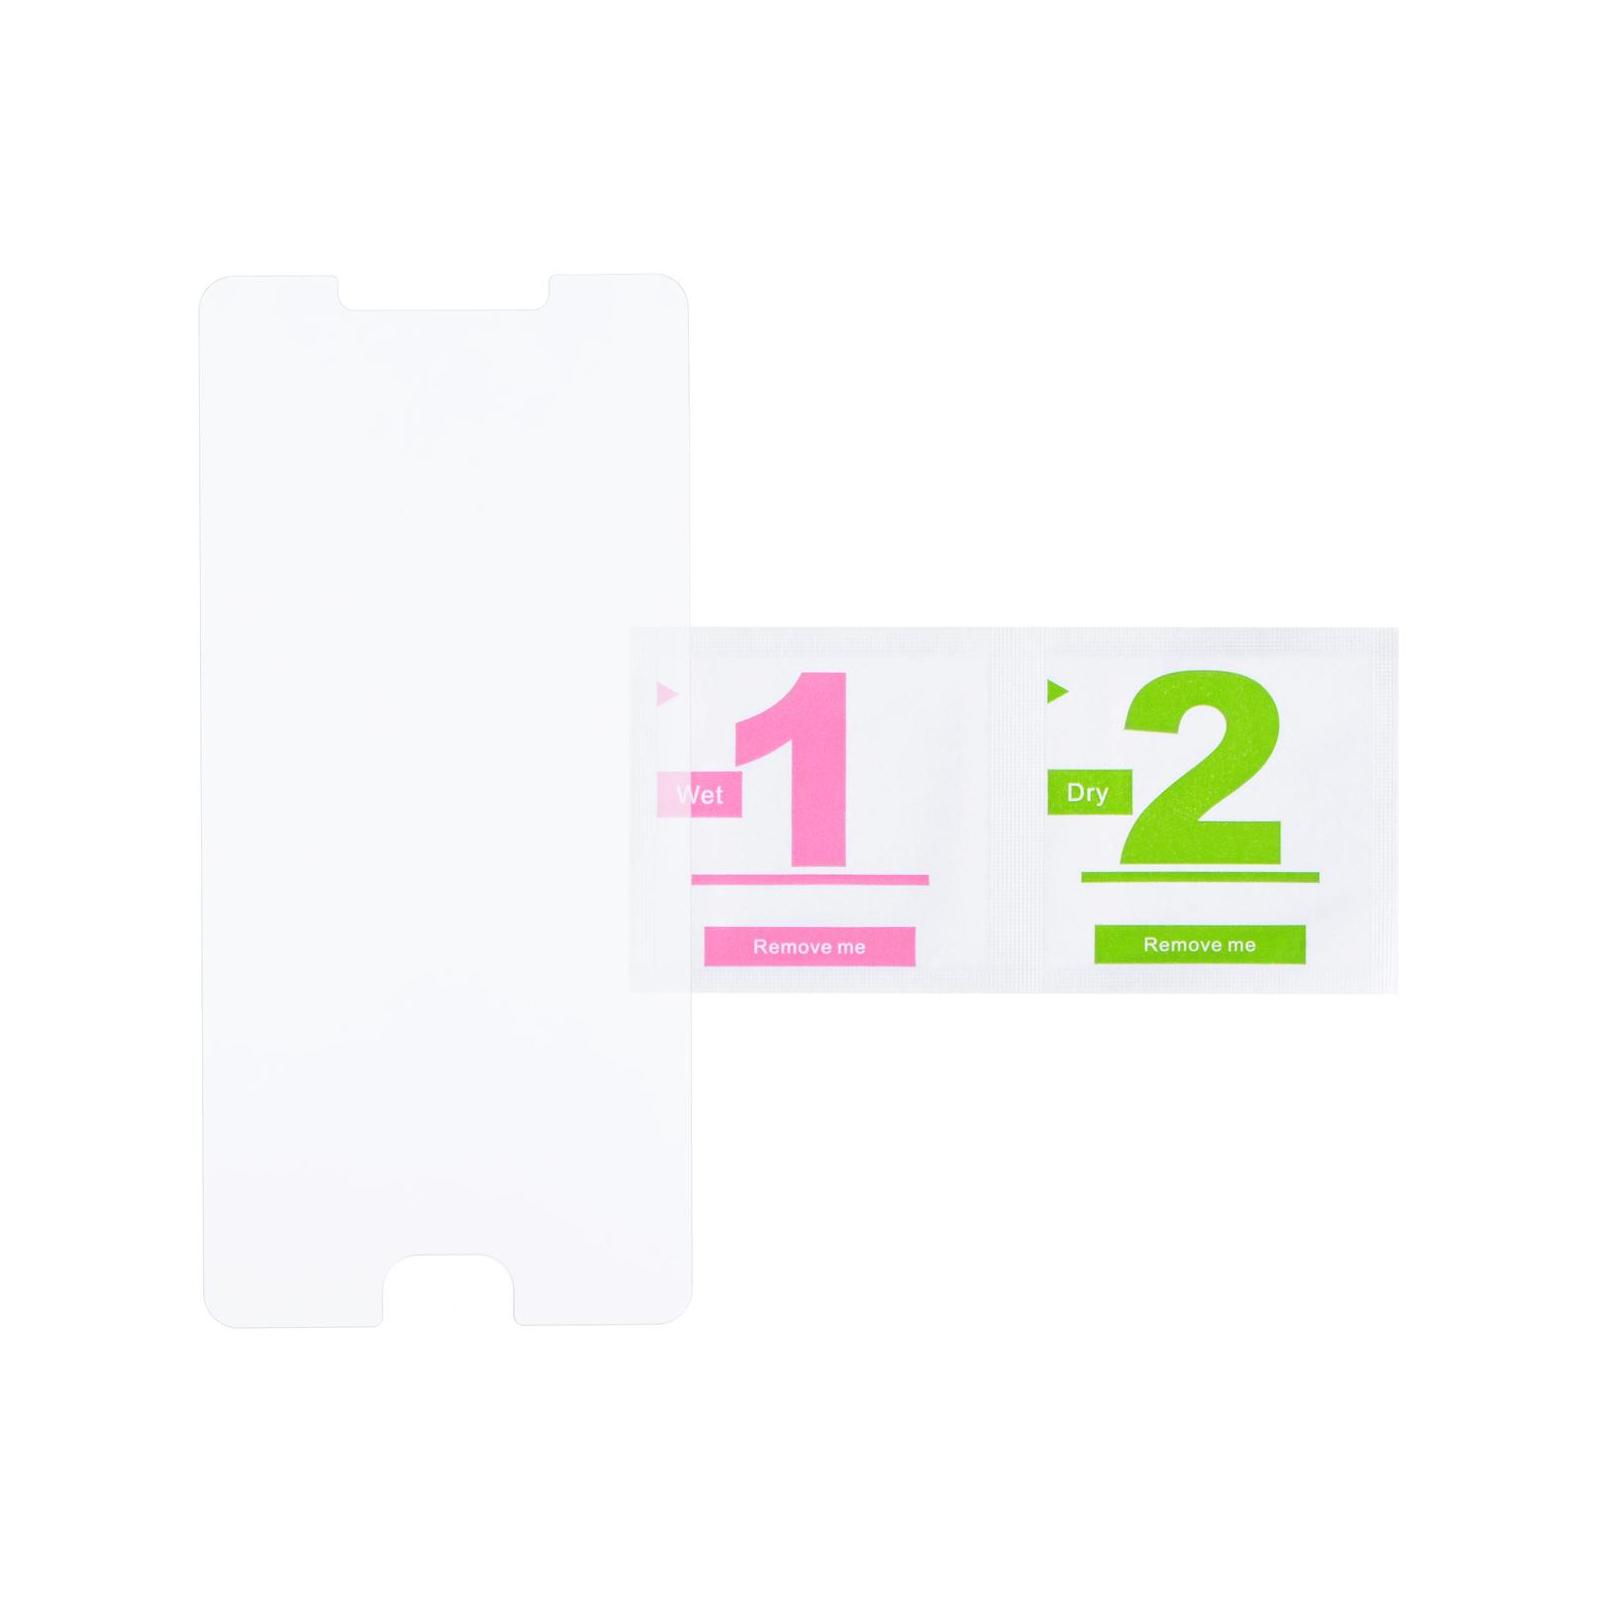 Стекло защитное 2E для Meizu M6 Note 2.5D Clear (2E-TGMZ-M6N-25D) изображение 2